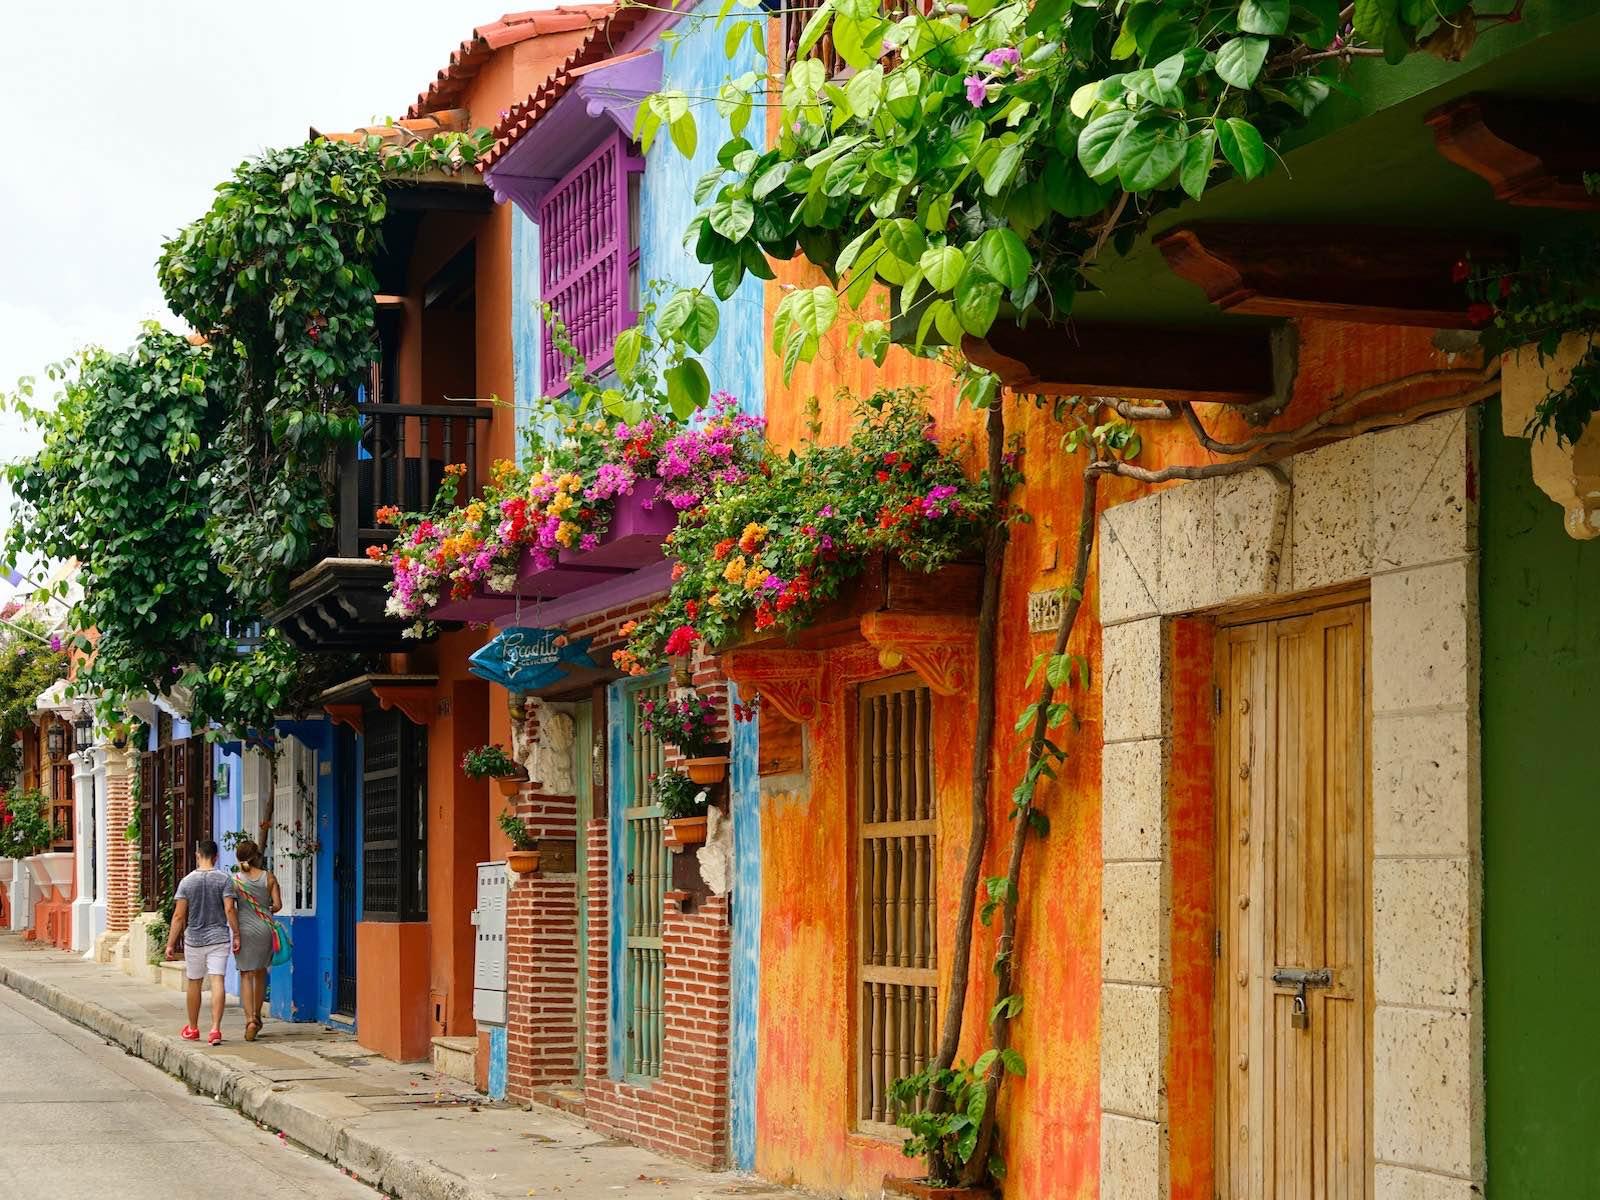 doen in Cartagena